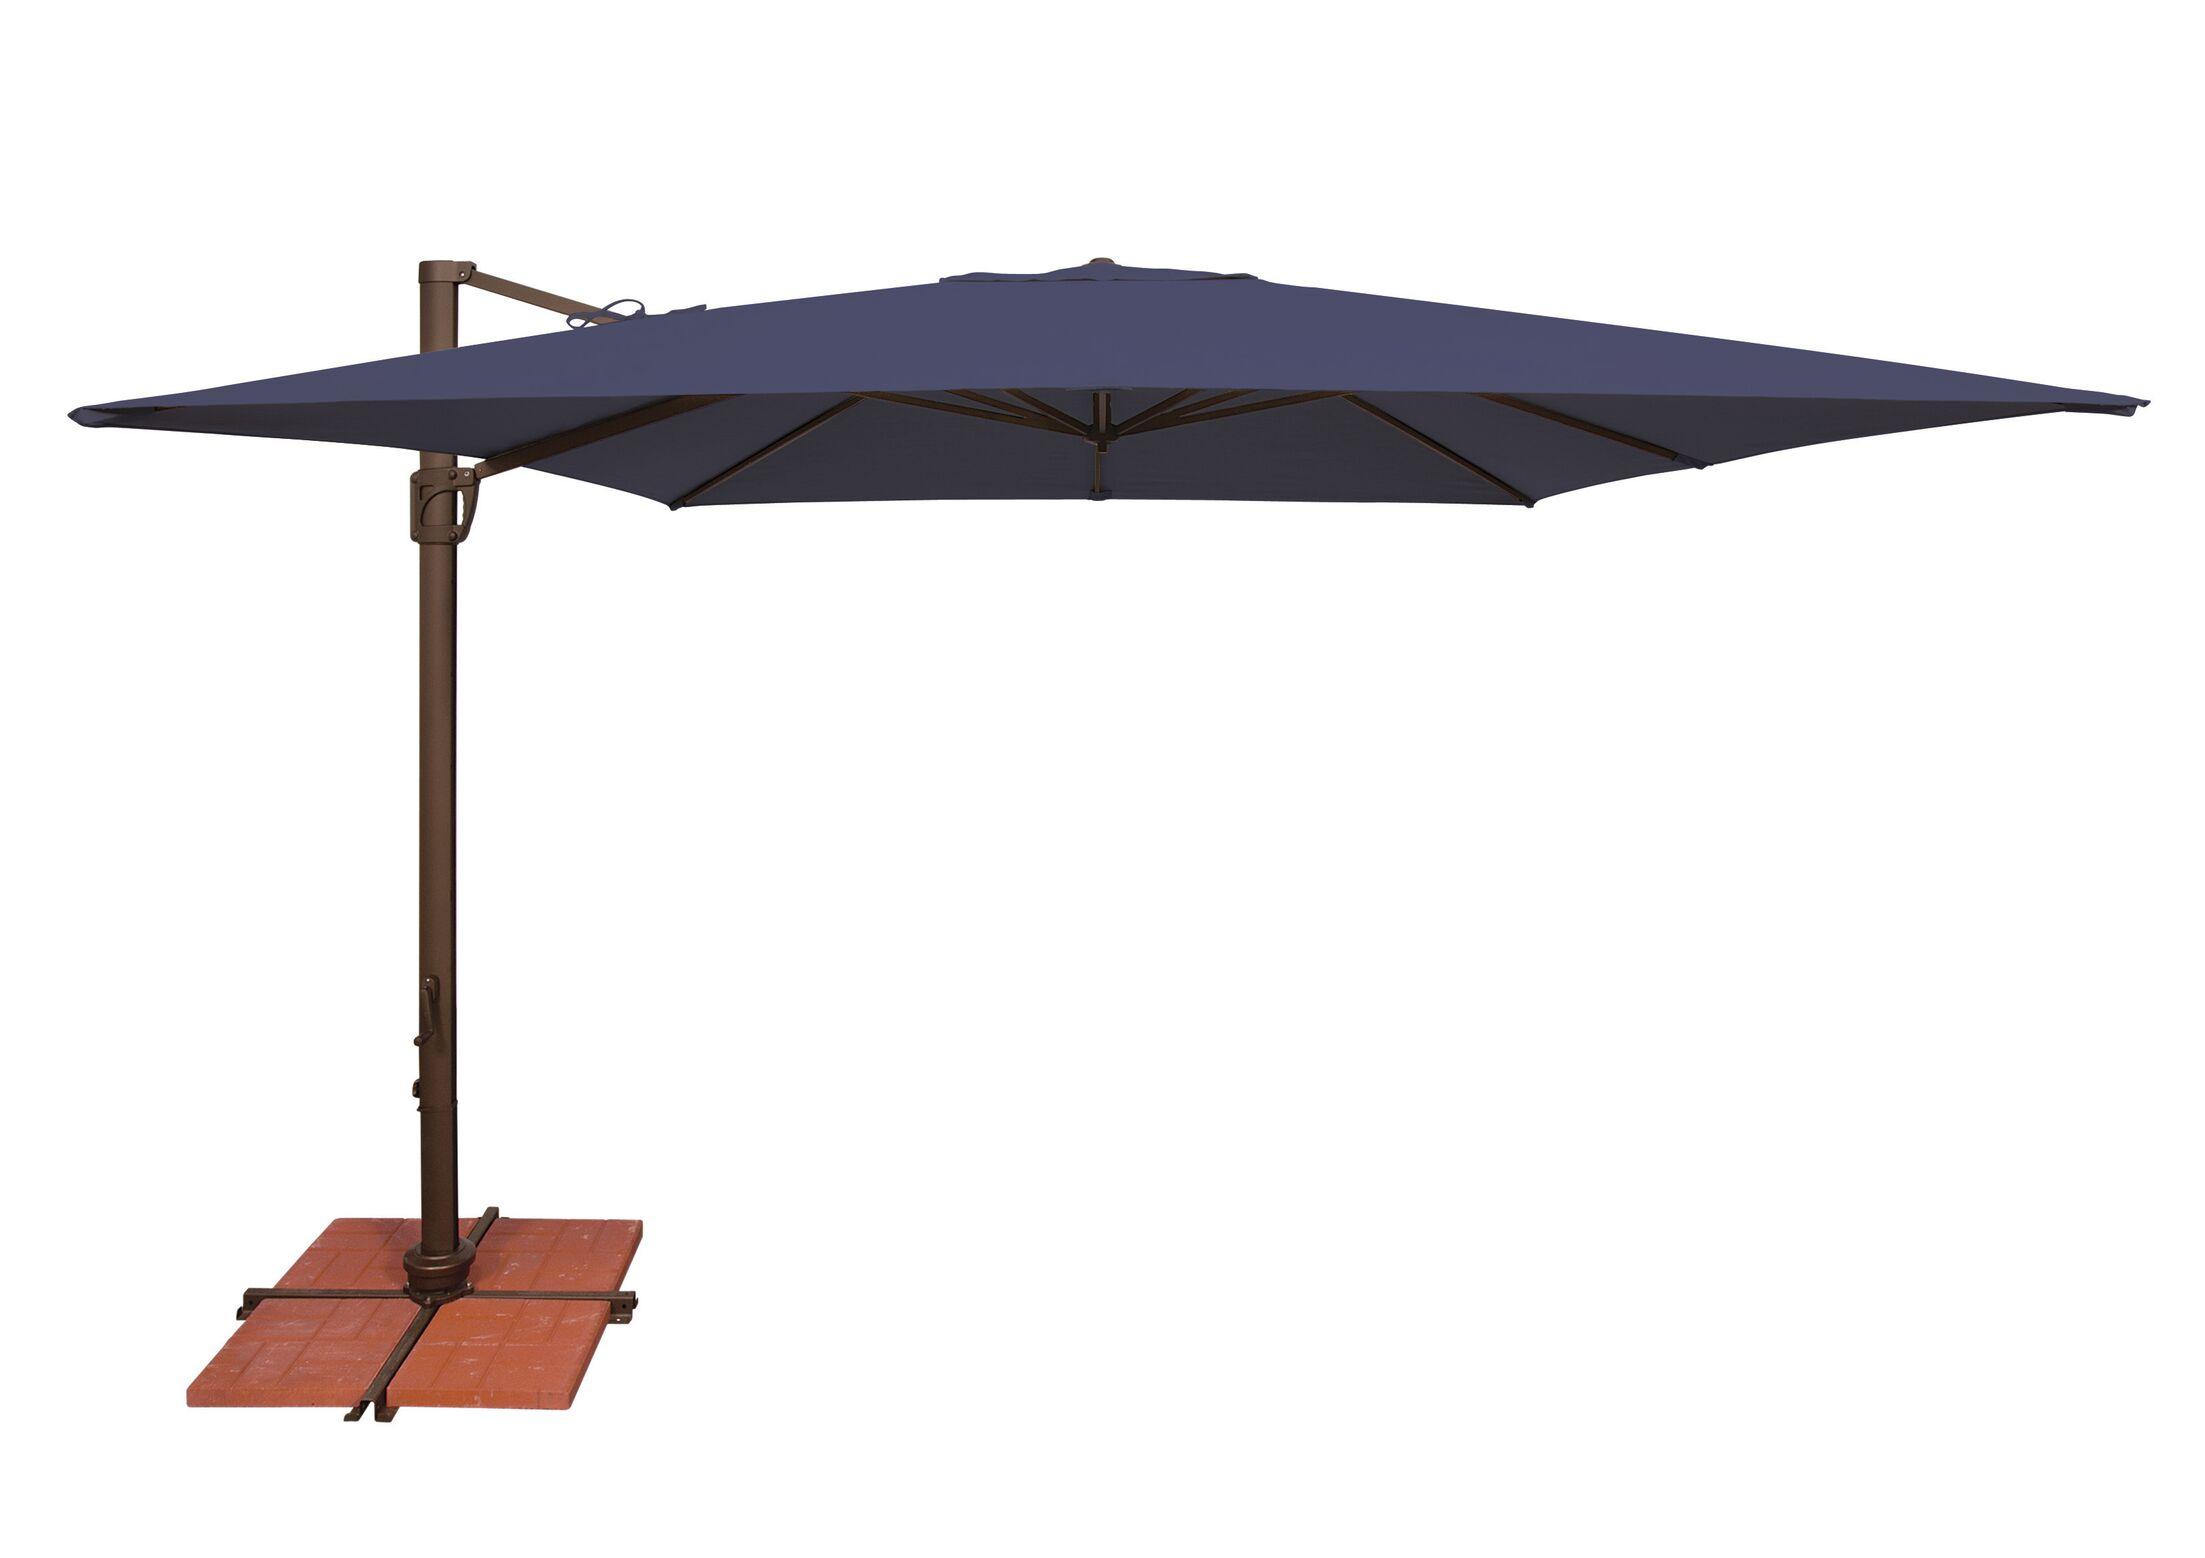 Bali 10' Square Cantilever Umbrella Fabric: Sunbrella / Navy